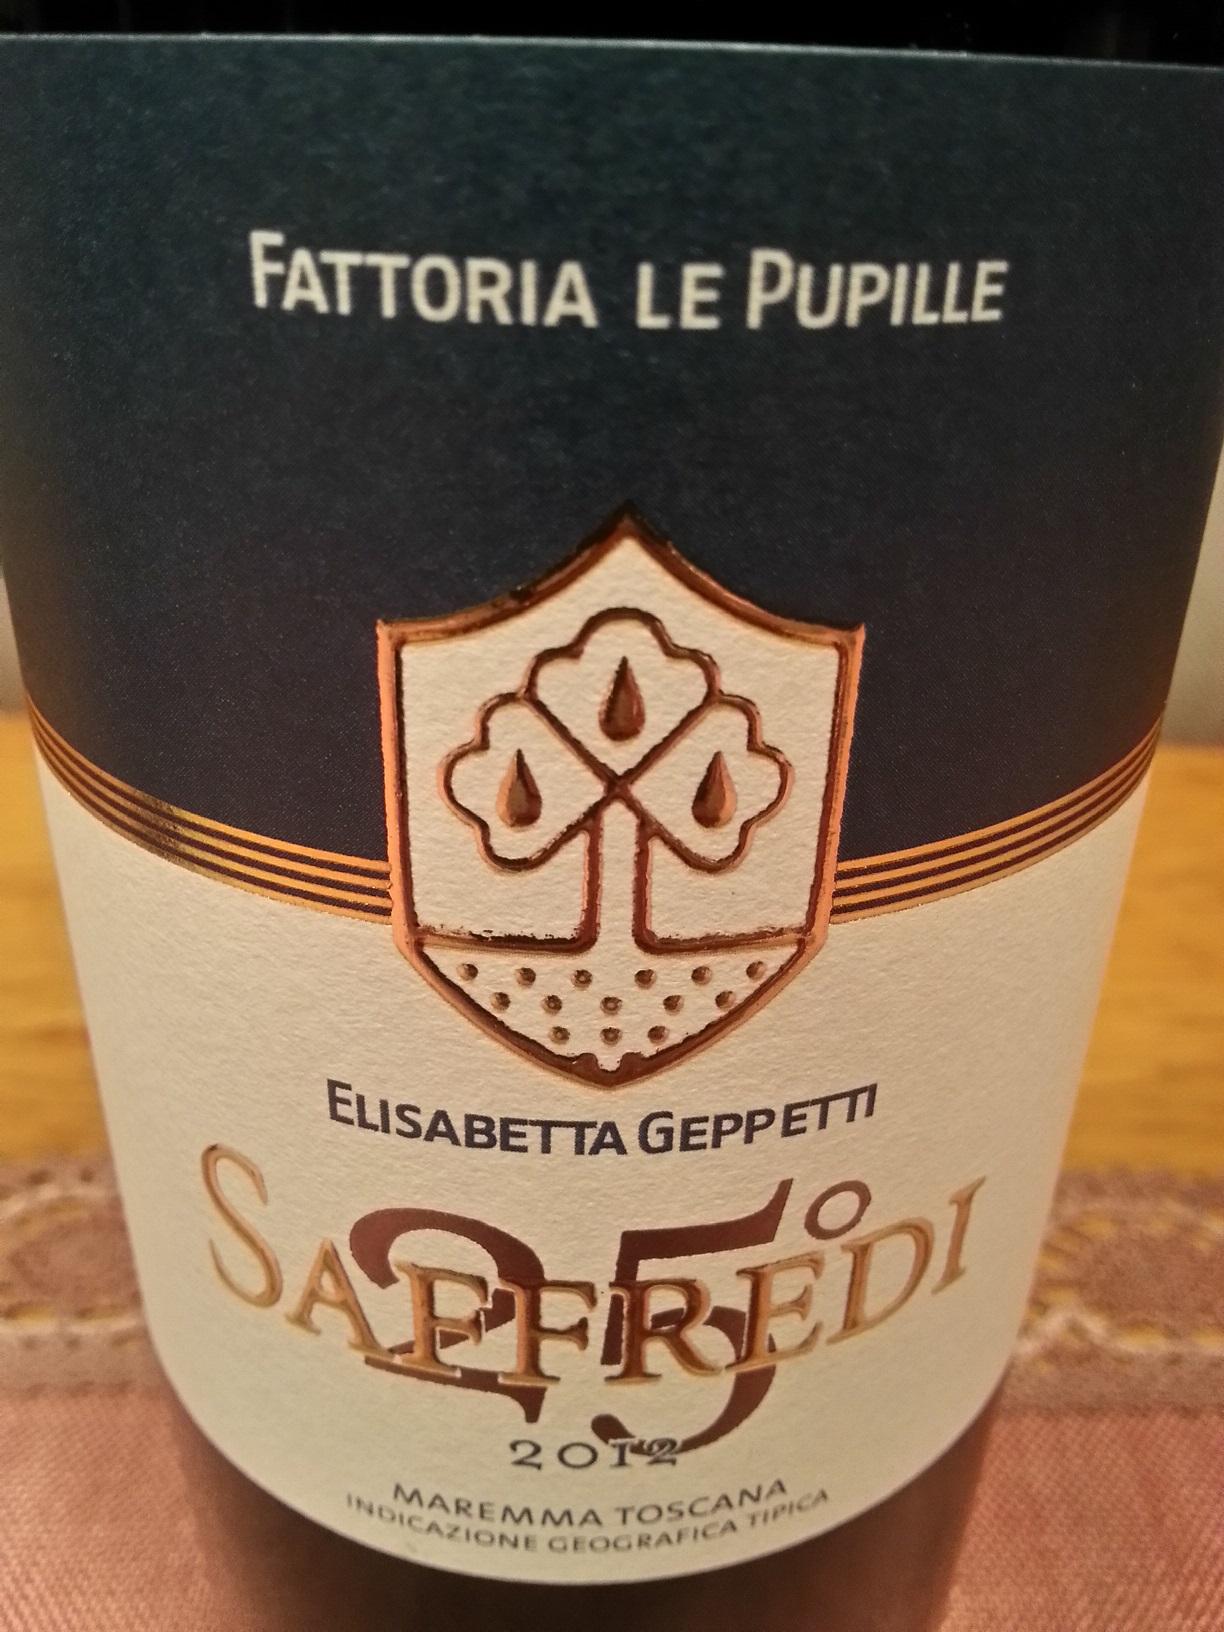 2012 Saffredi | Le Pupile